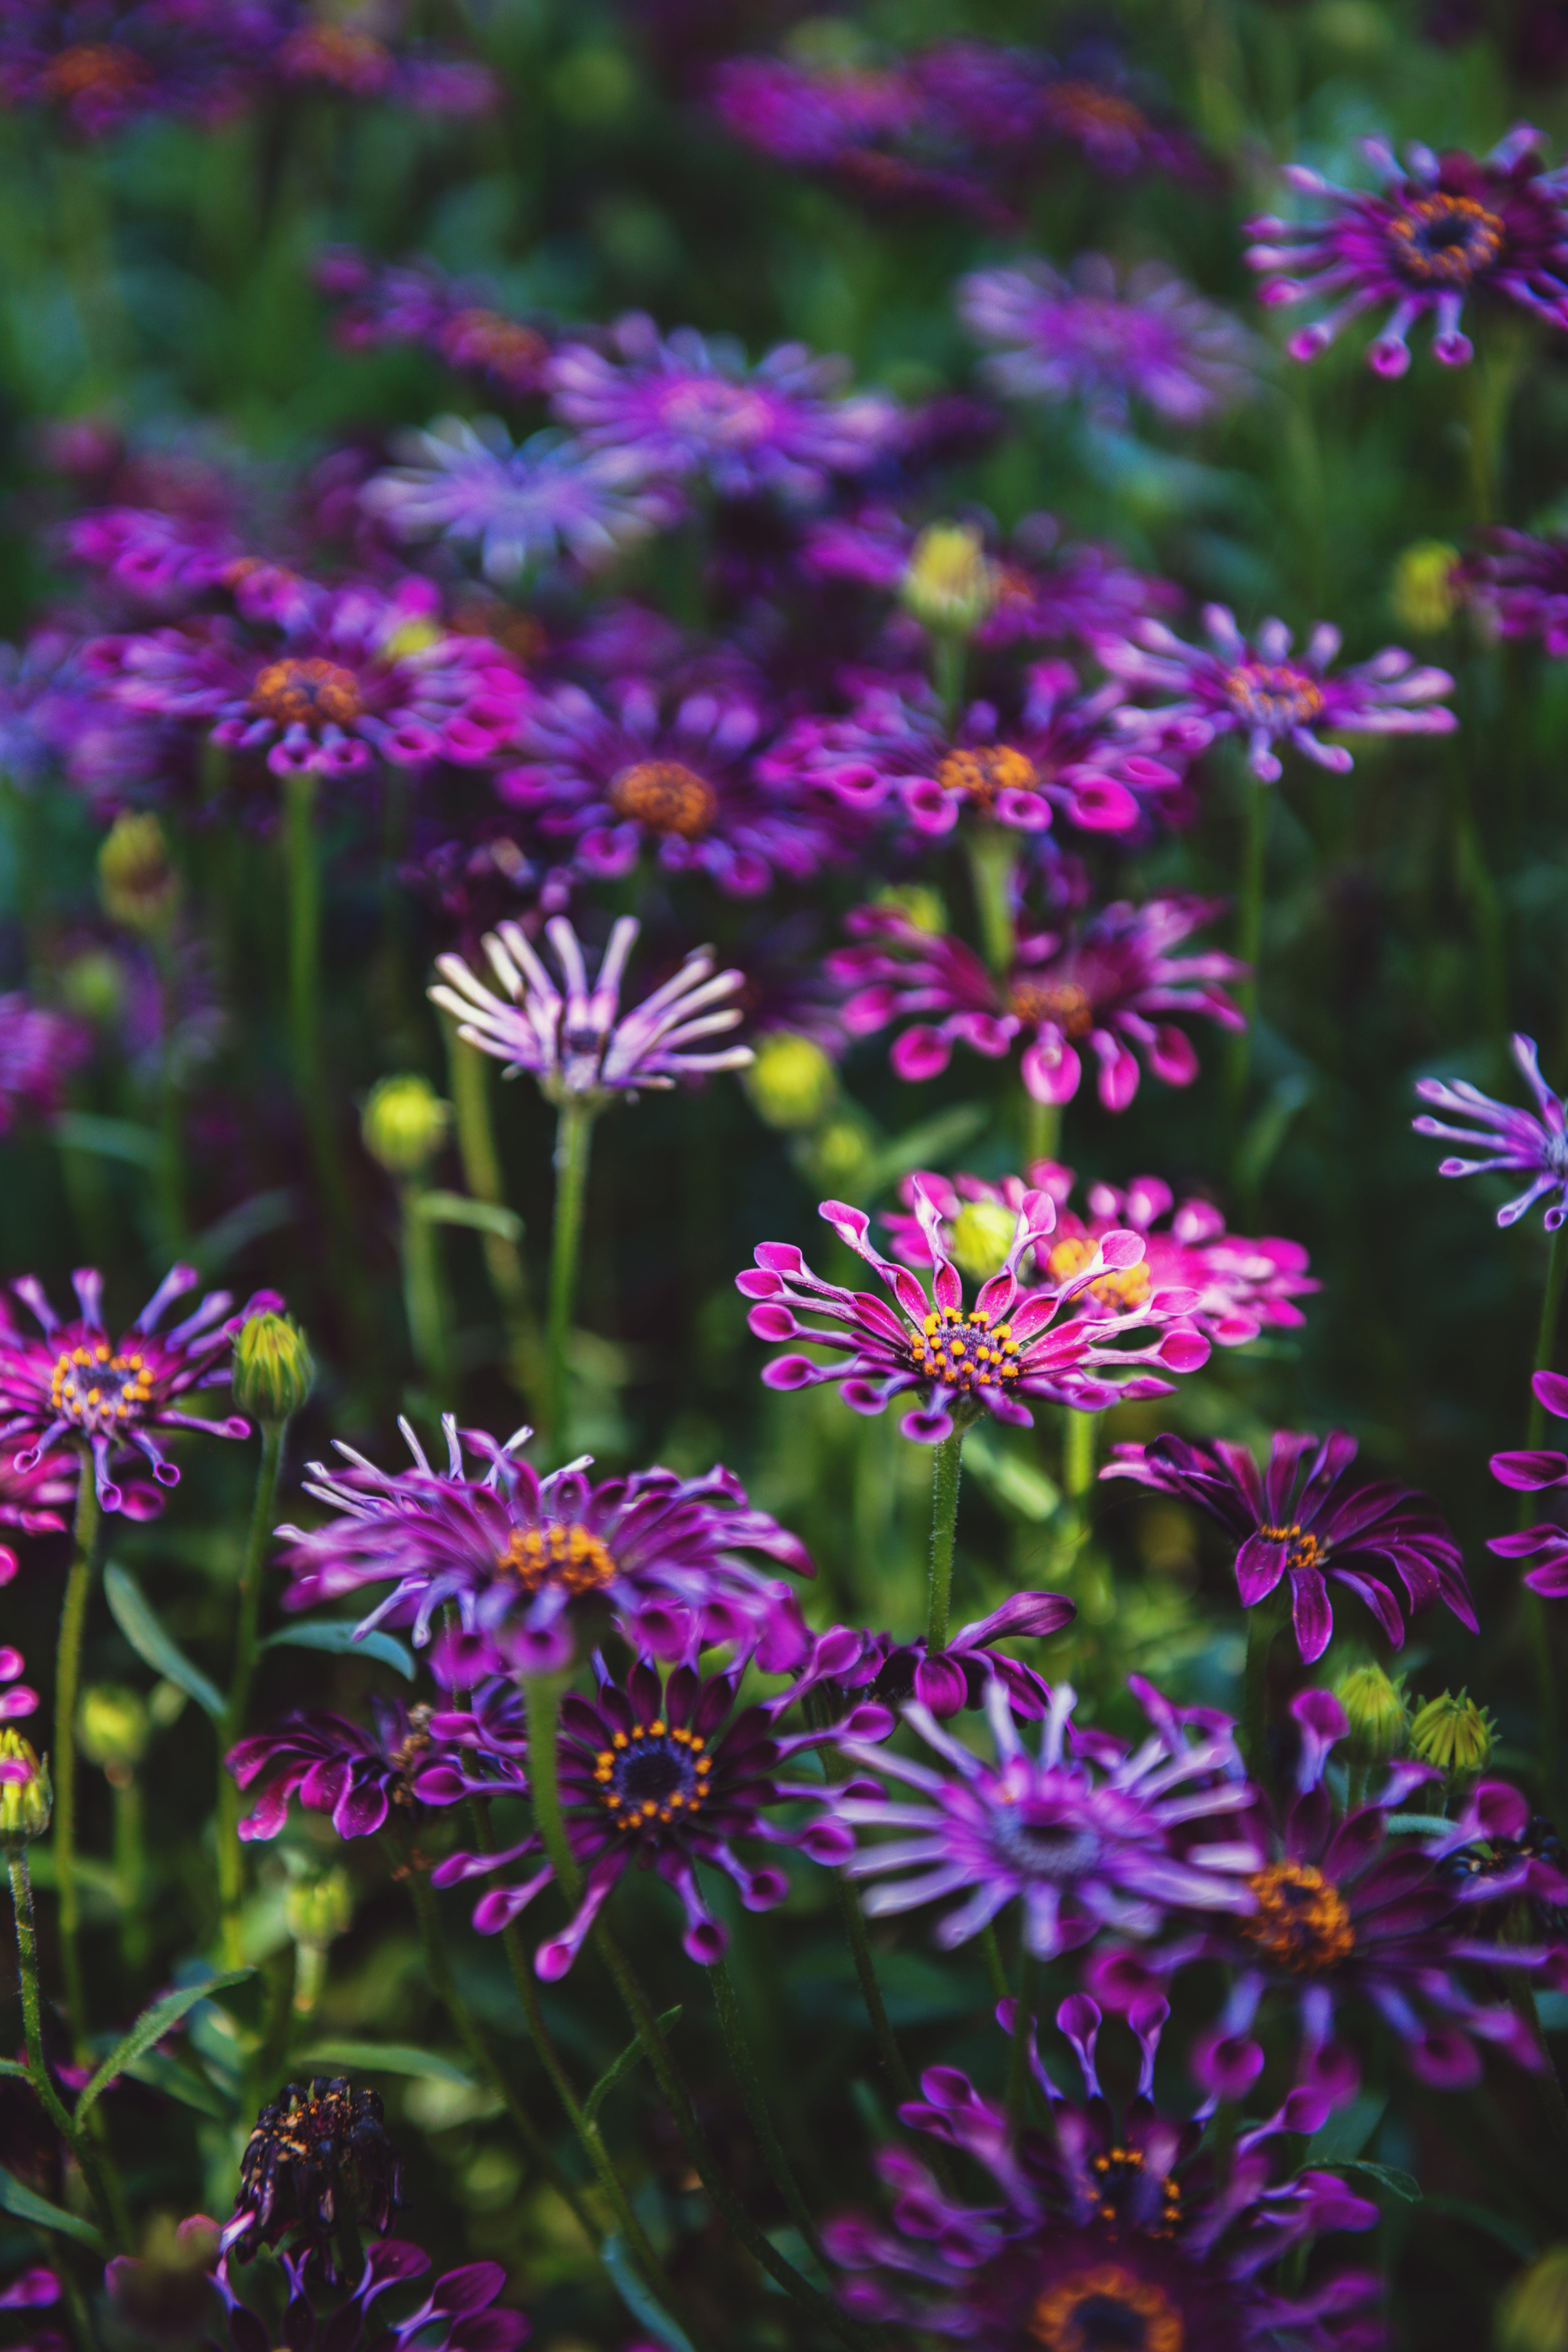 Kostenloses Stock Foto zu blumen, blüte, blütenblätter, bunt